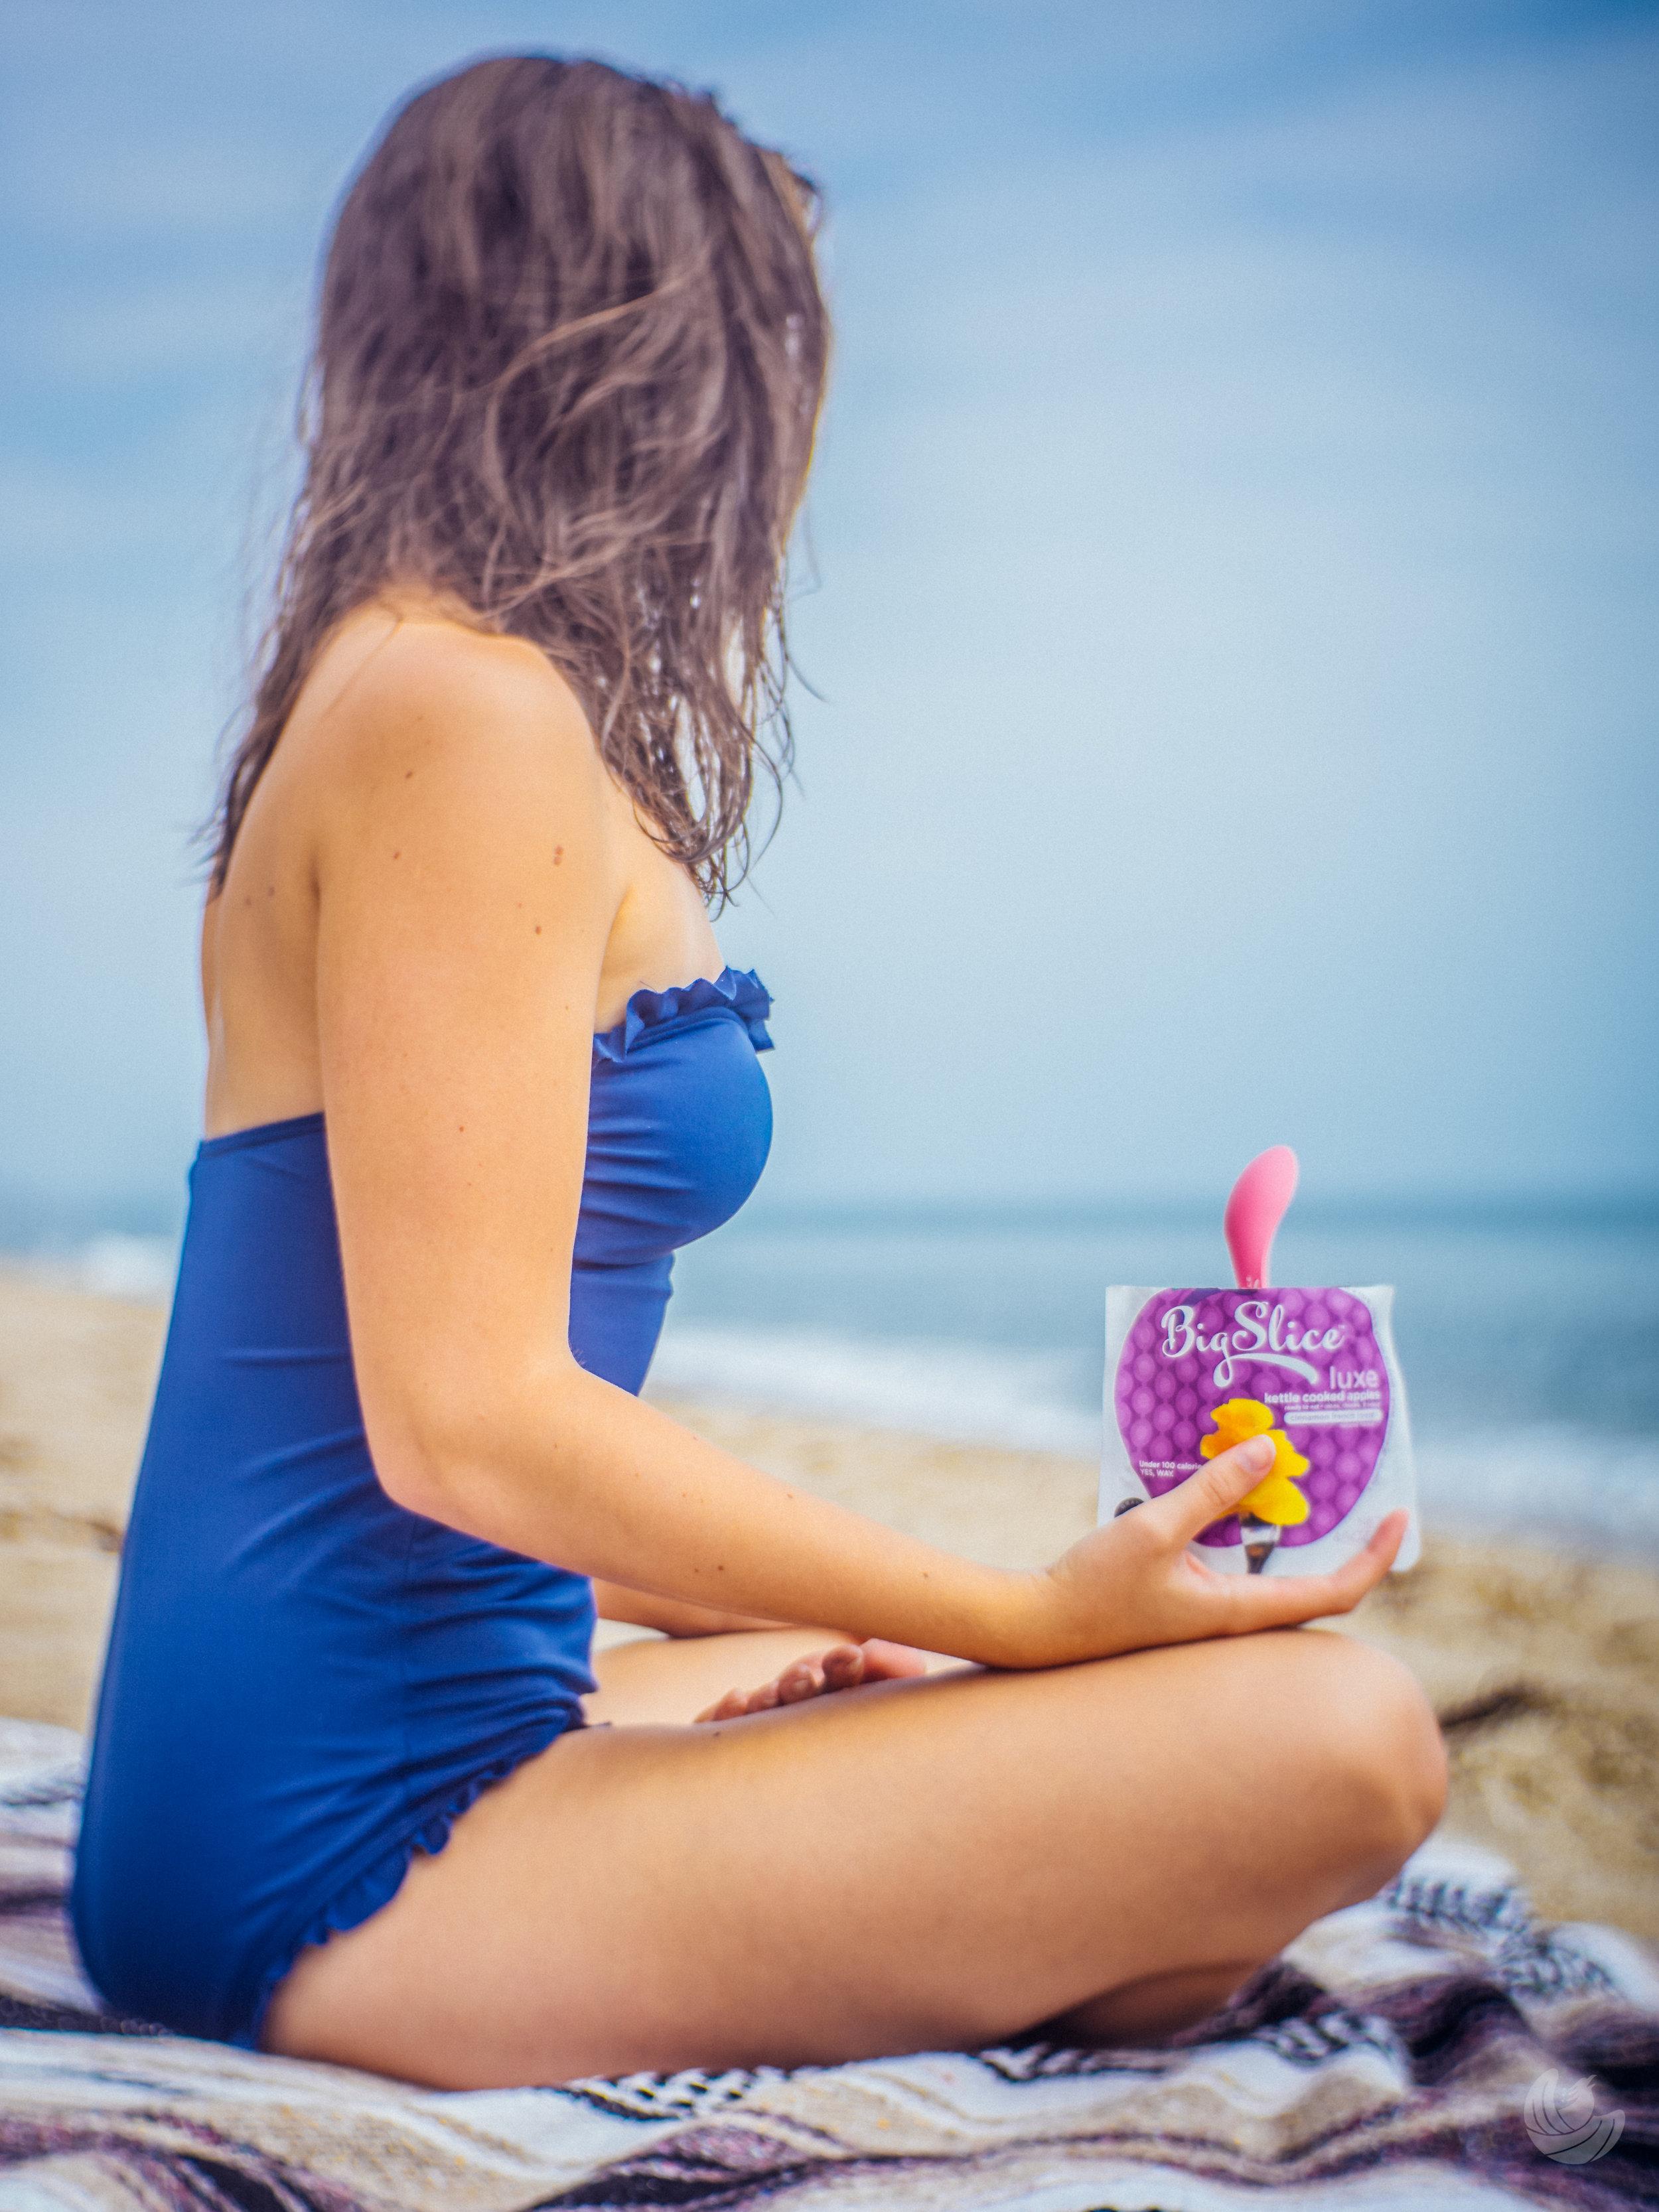 Beach_JPG_Watermark-55.jpg